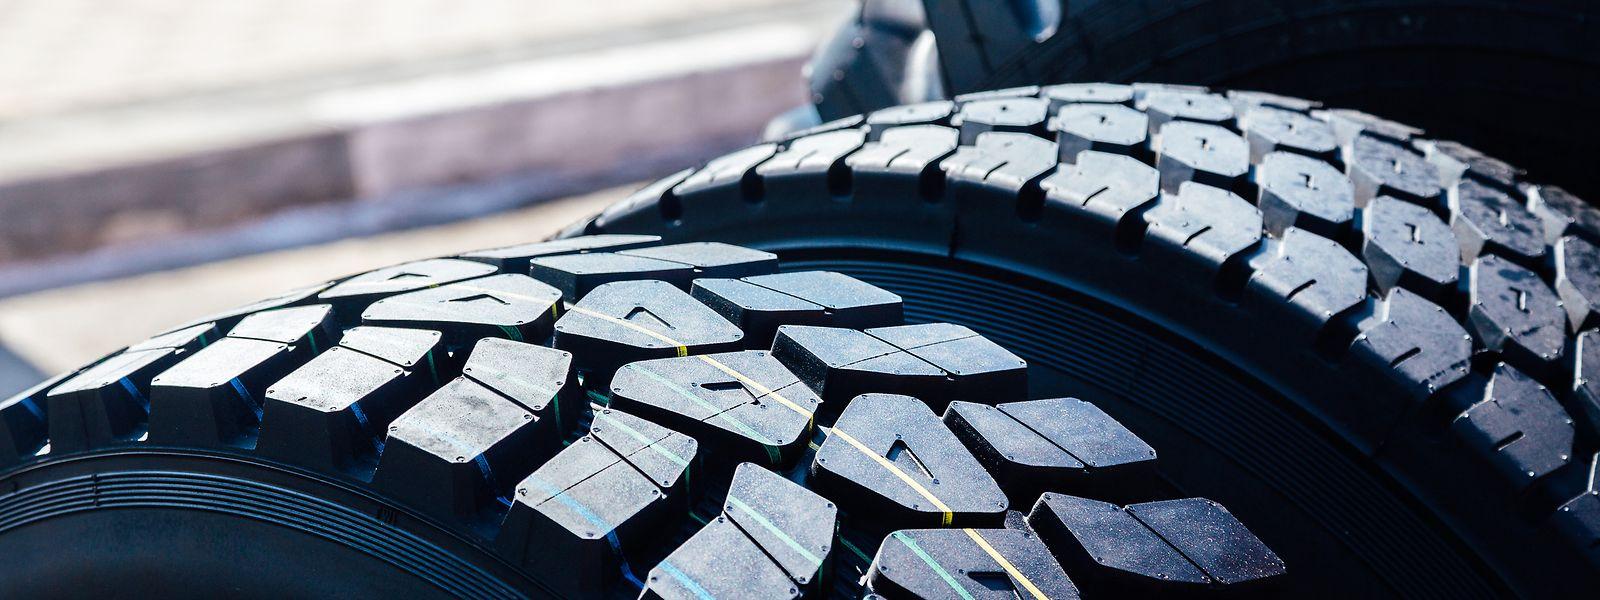 Les producteurs de poids lourds sollicitent le fabricant de pneumatiques.